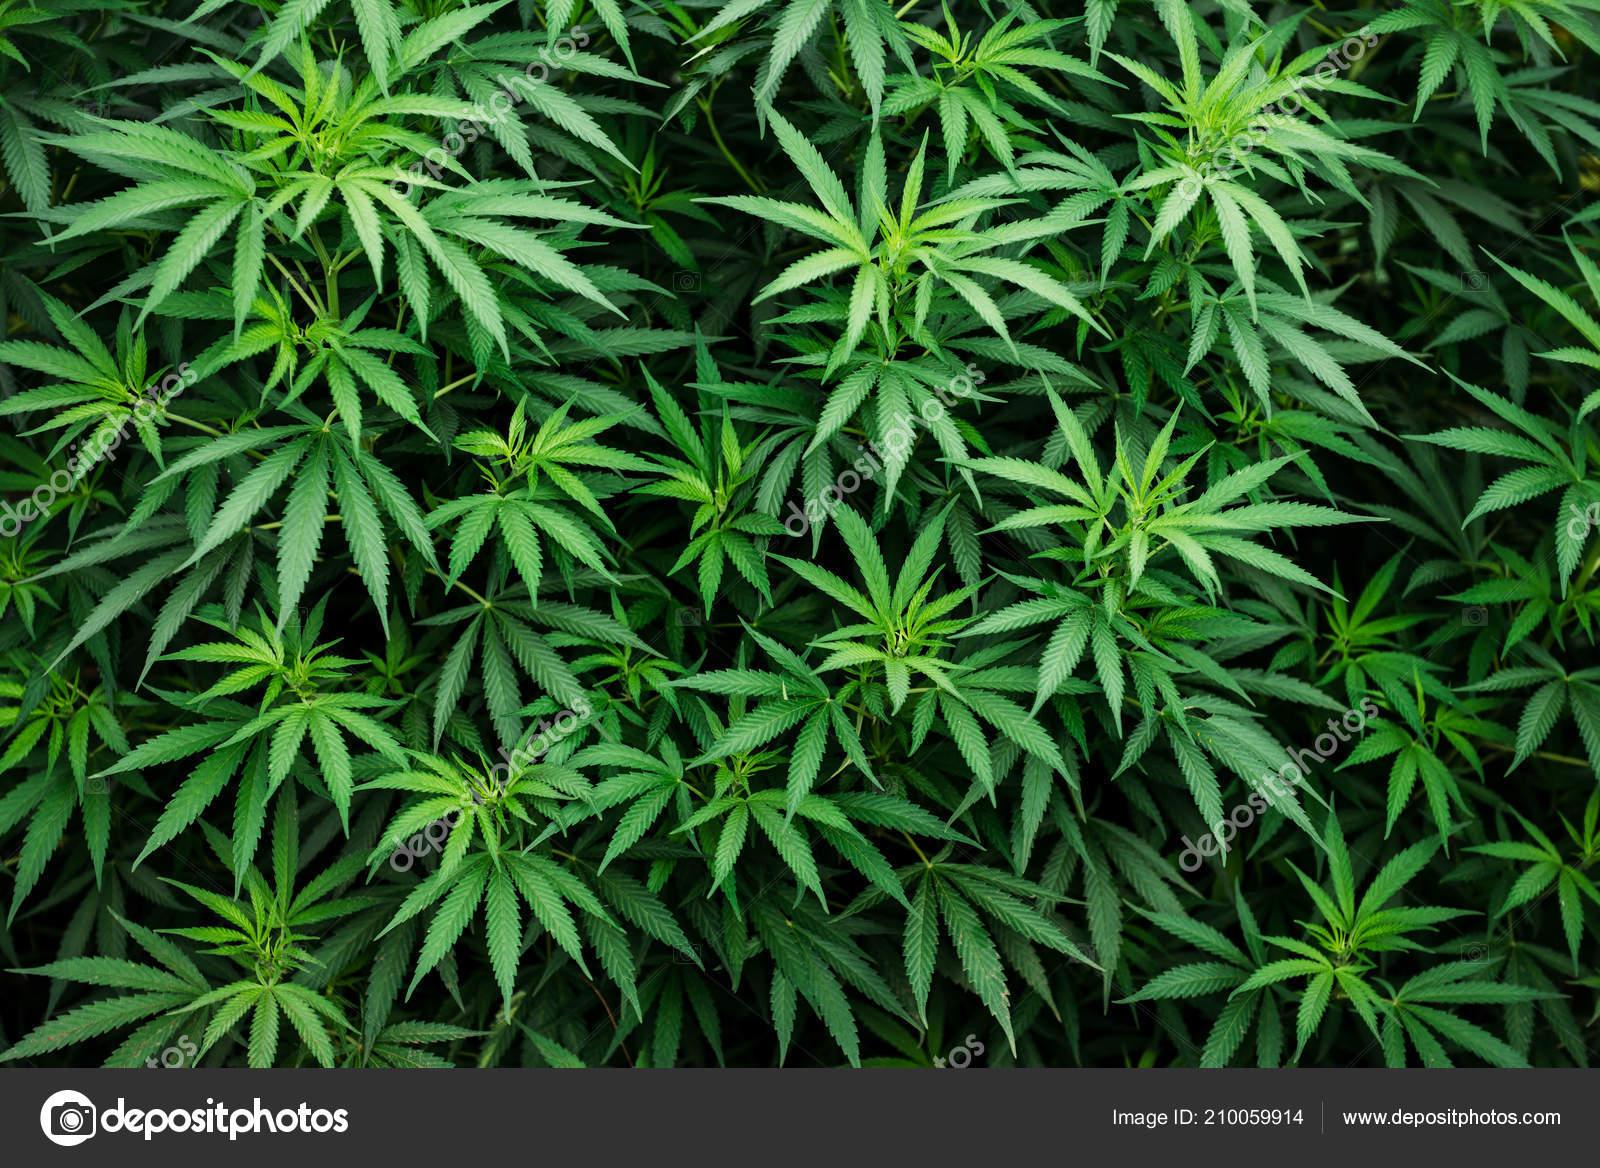 Обои фото марихуаны как выращивать марихуану форум